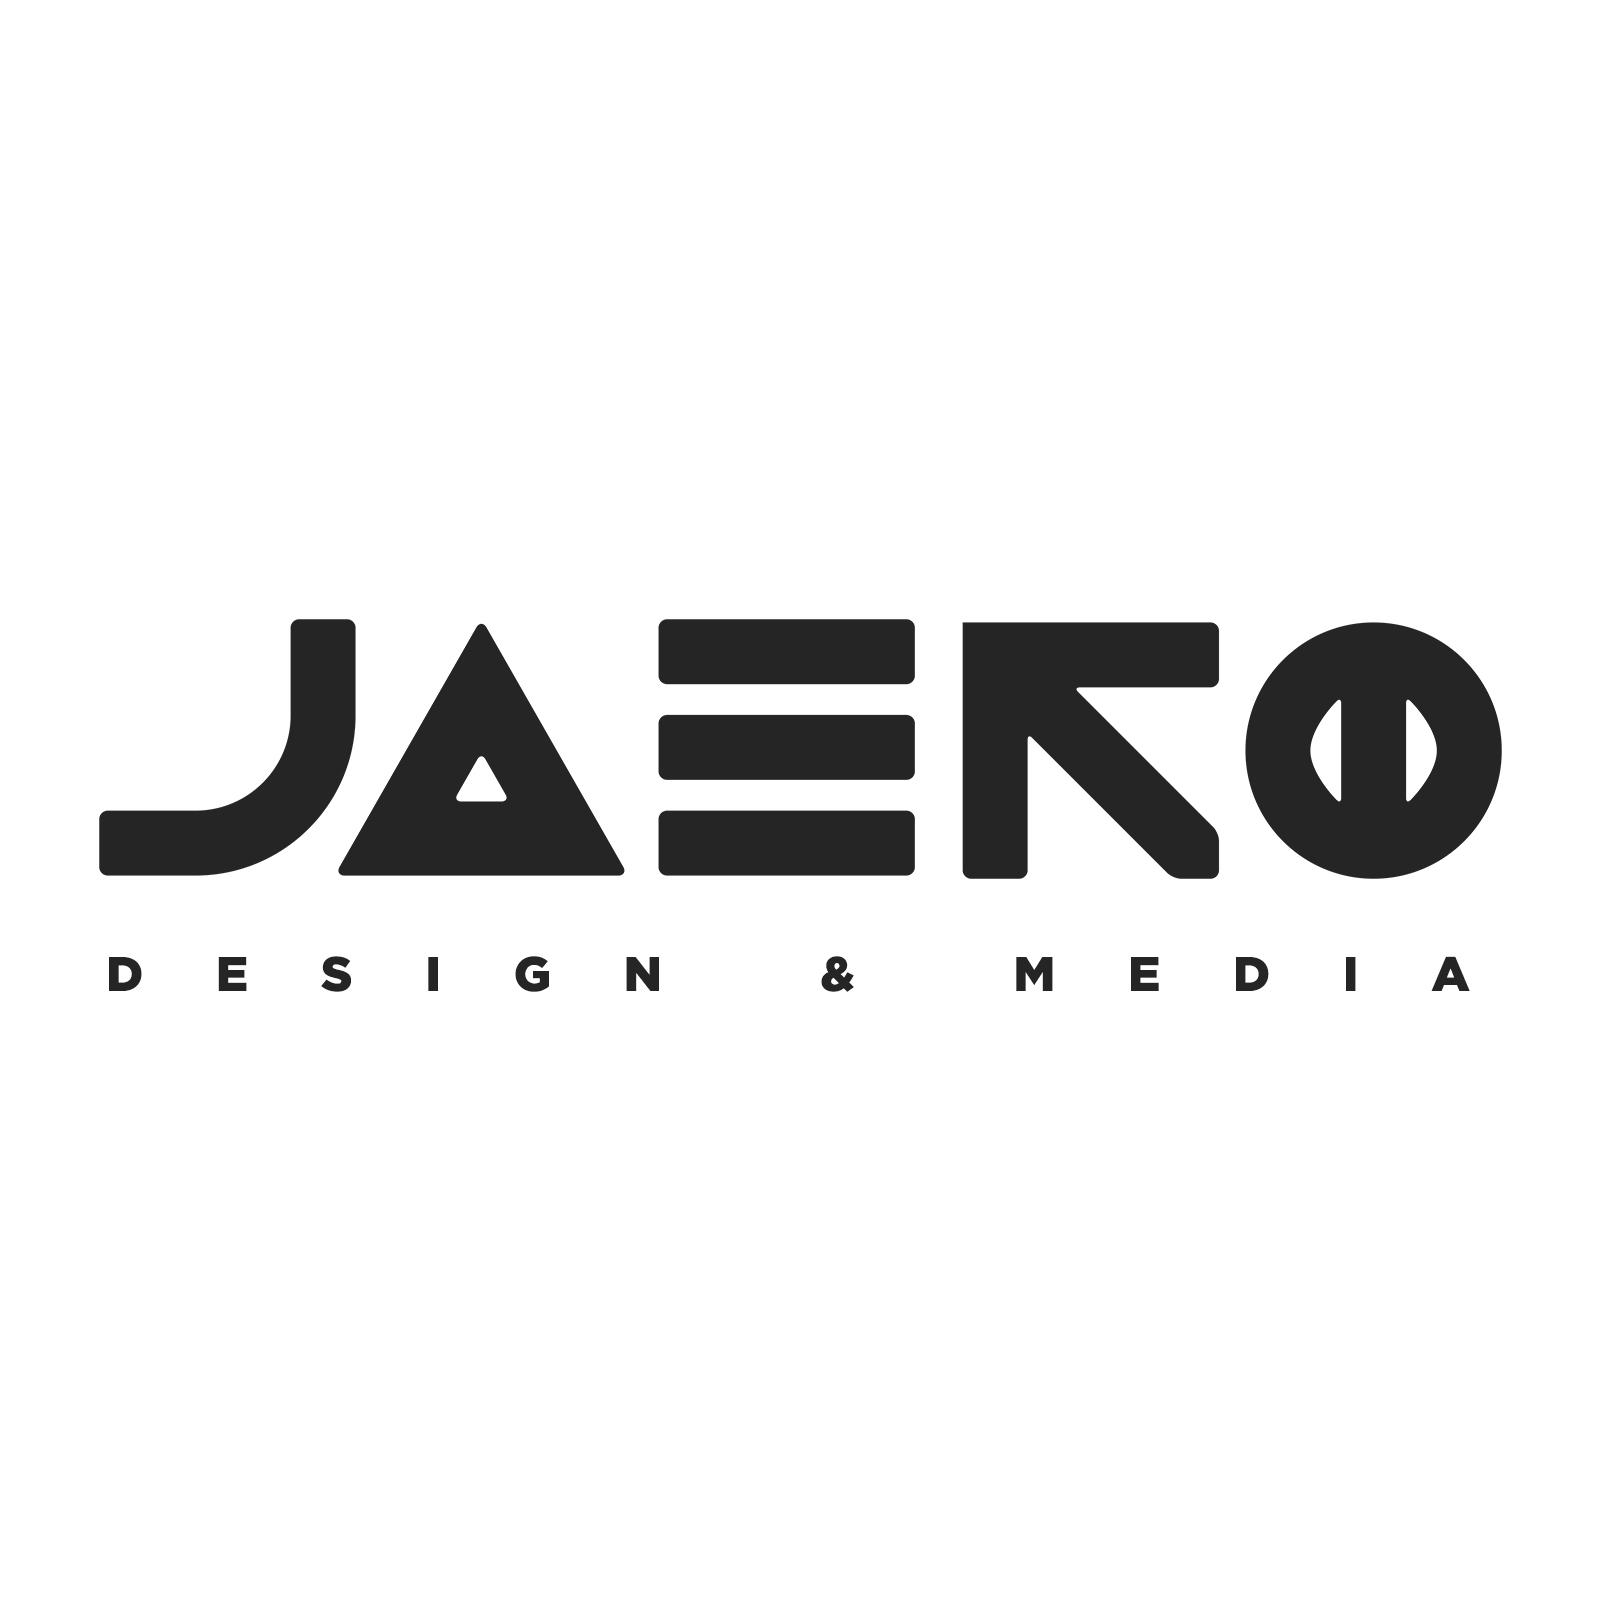 Jaero Design & Media